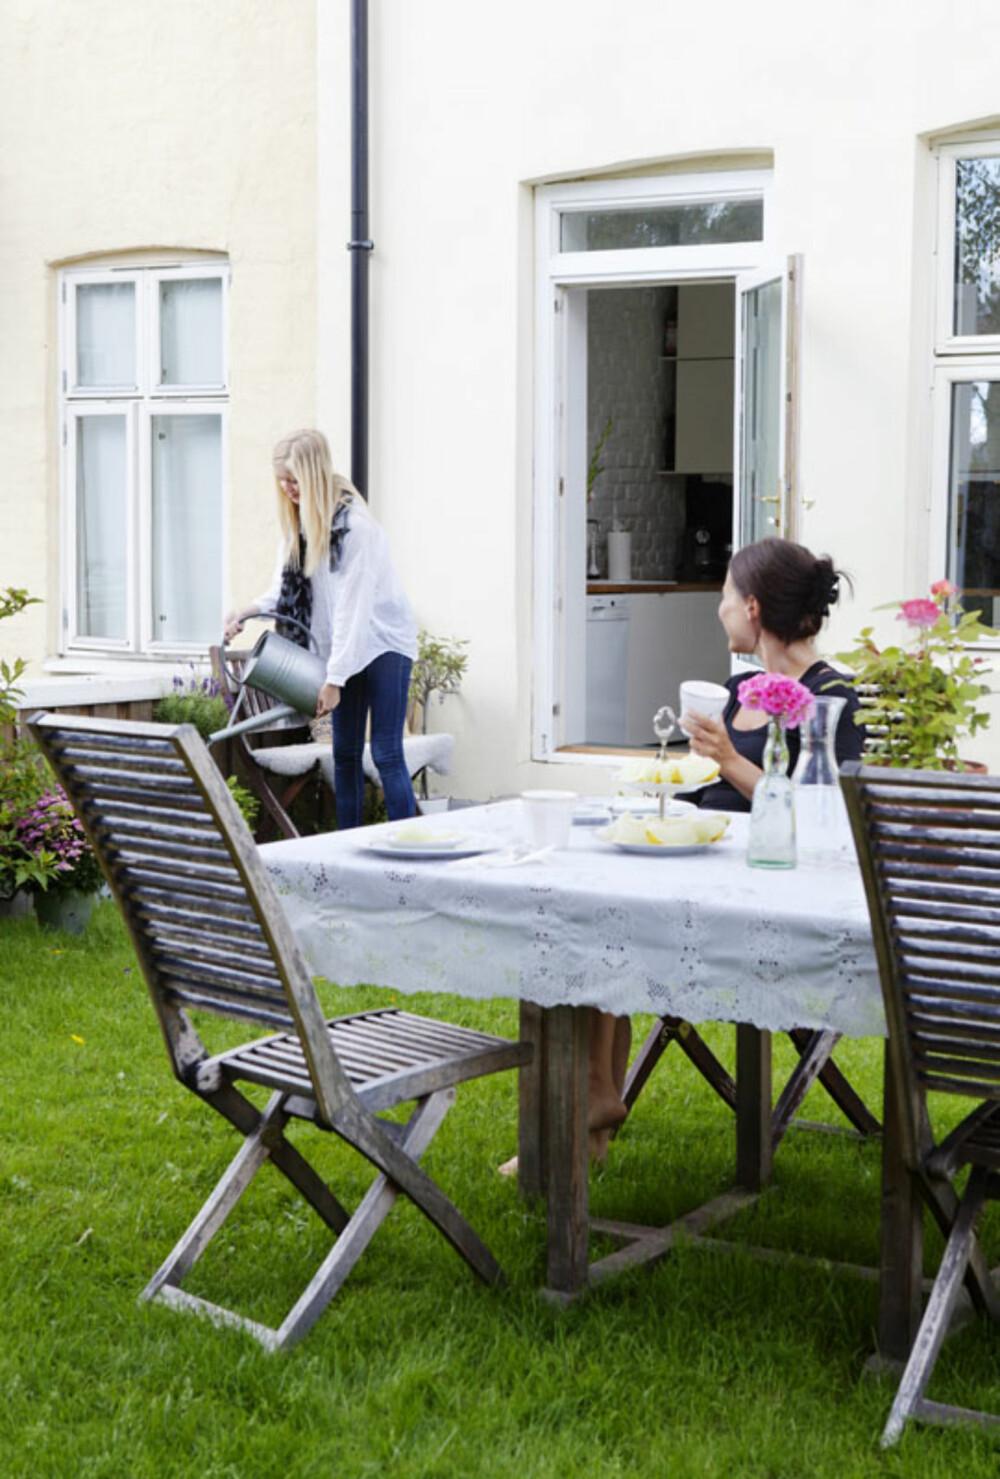 SOMMERIDYLL: Leiligheten ligger midt på travleste Grünerløkka, men på garasjetaket er det grønn plen og sommeridyll som råder.